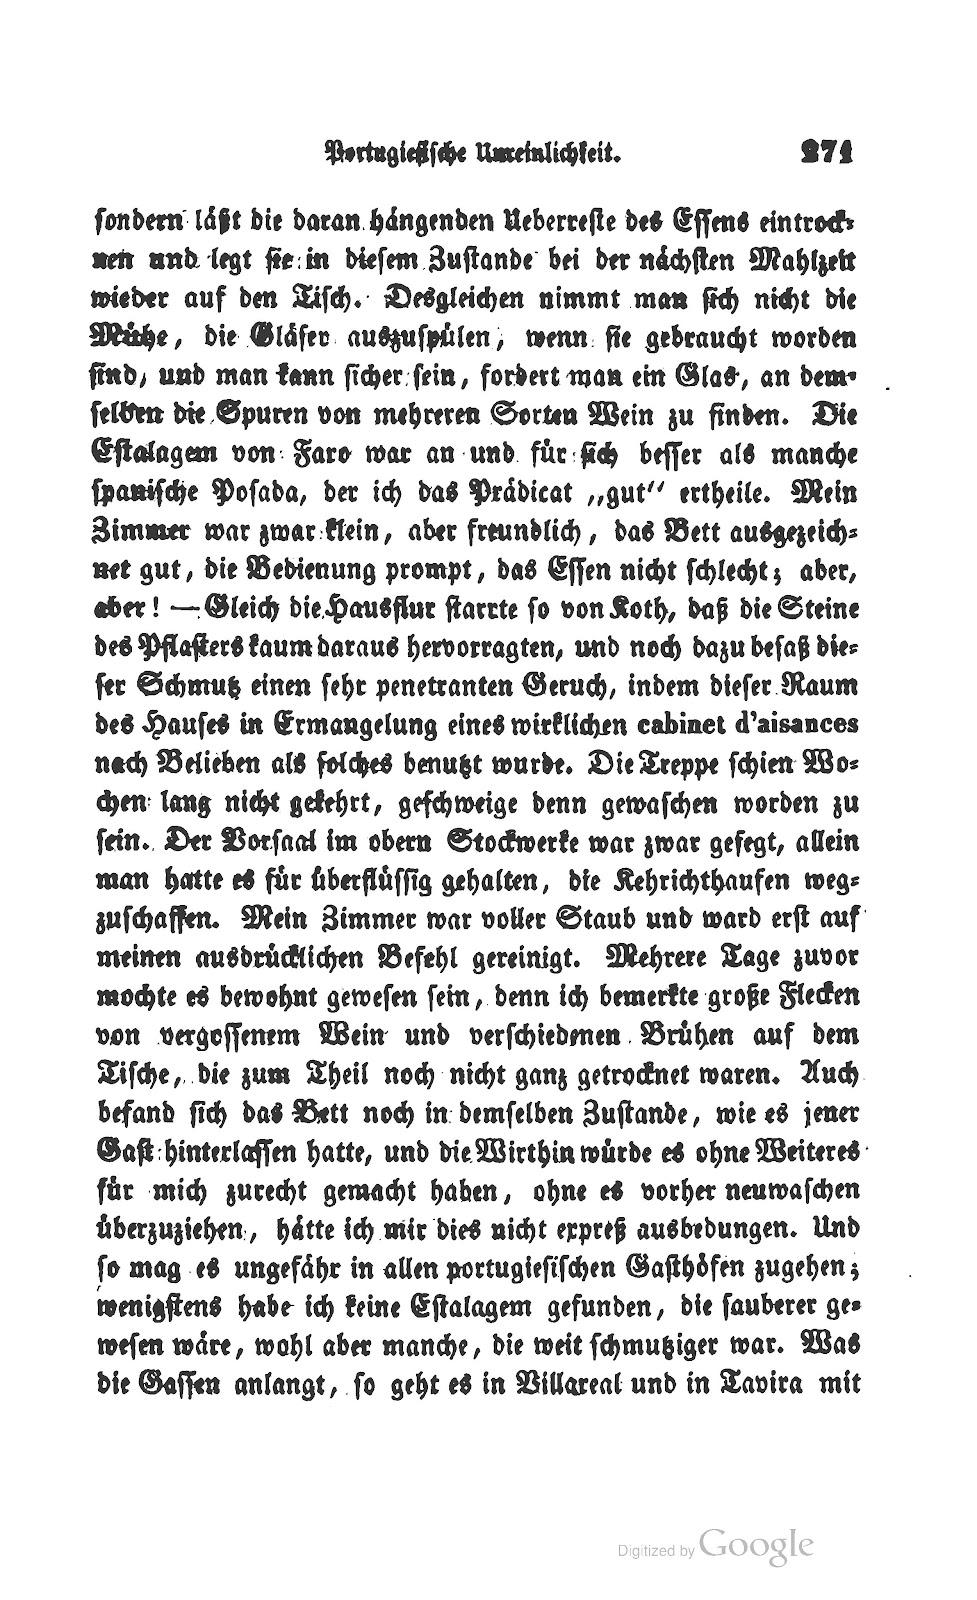 WIllkomm - 10. Kapitel Pages from Zwei_Jahre_in_Spanien_und_Portugal(3)_Page_13.jpg